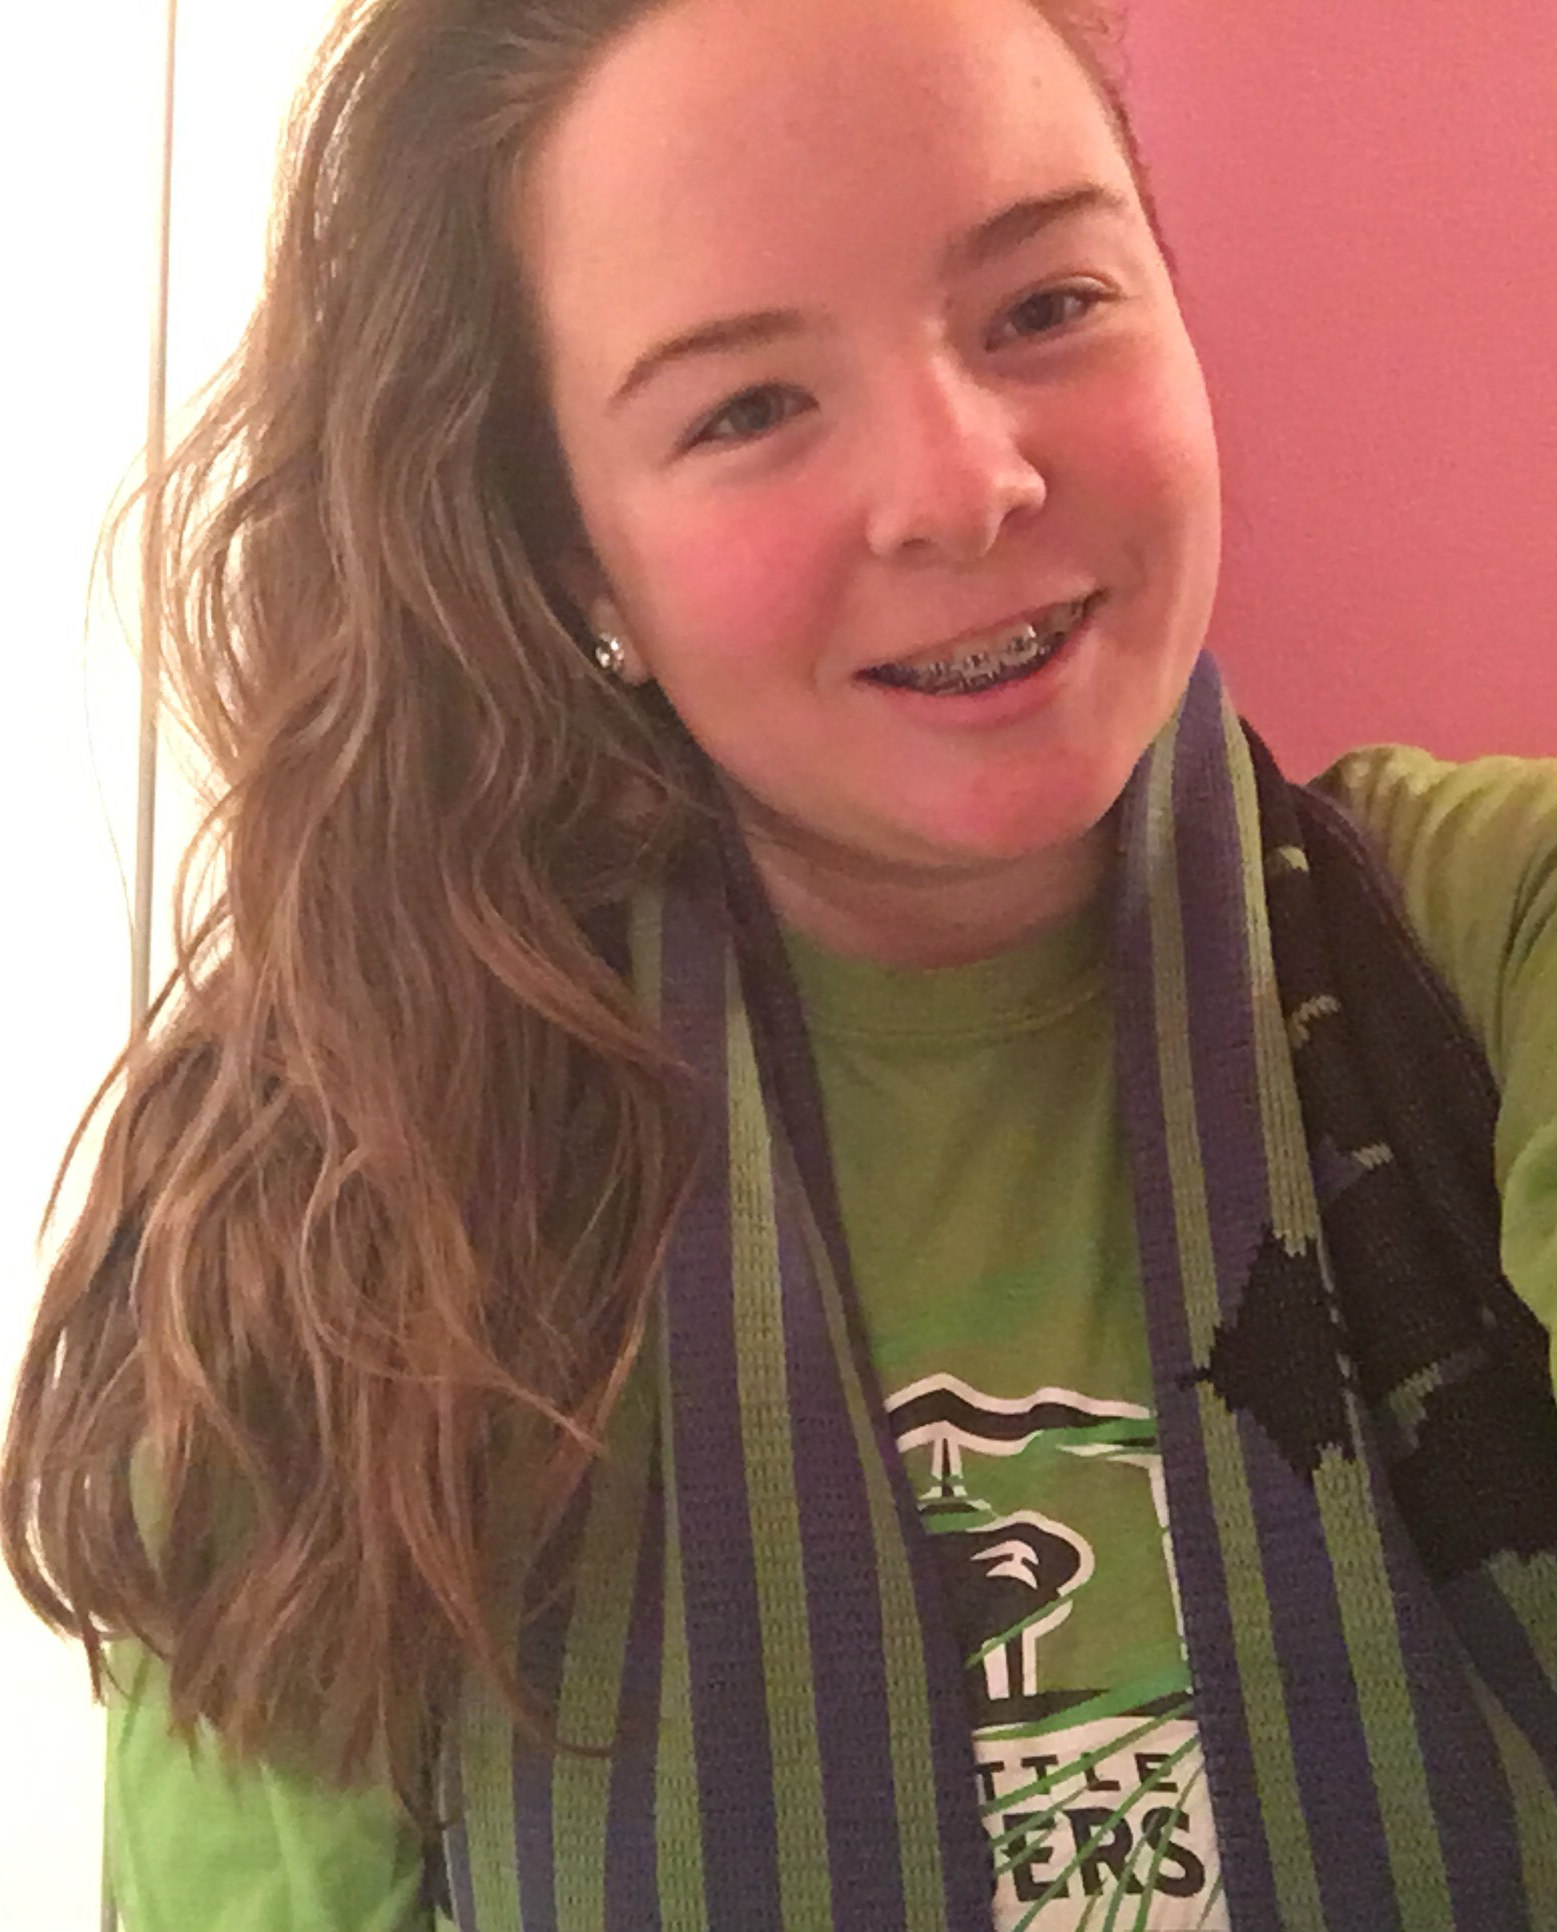 Kaitlyn O'Rourke - Seattle Sounders/mlsfemale